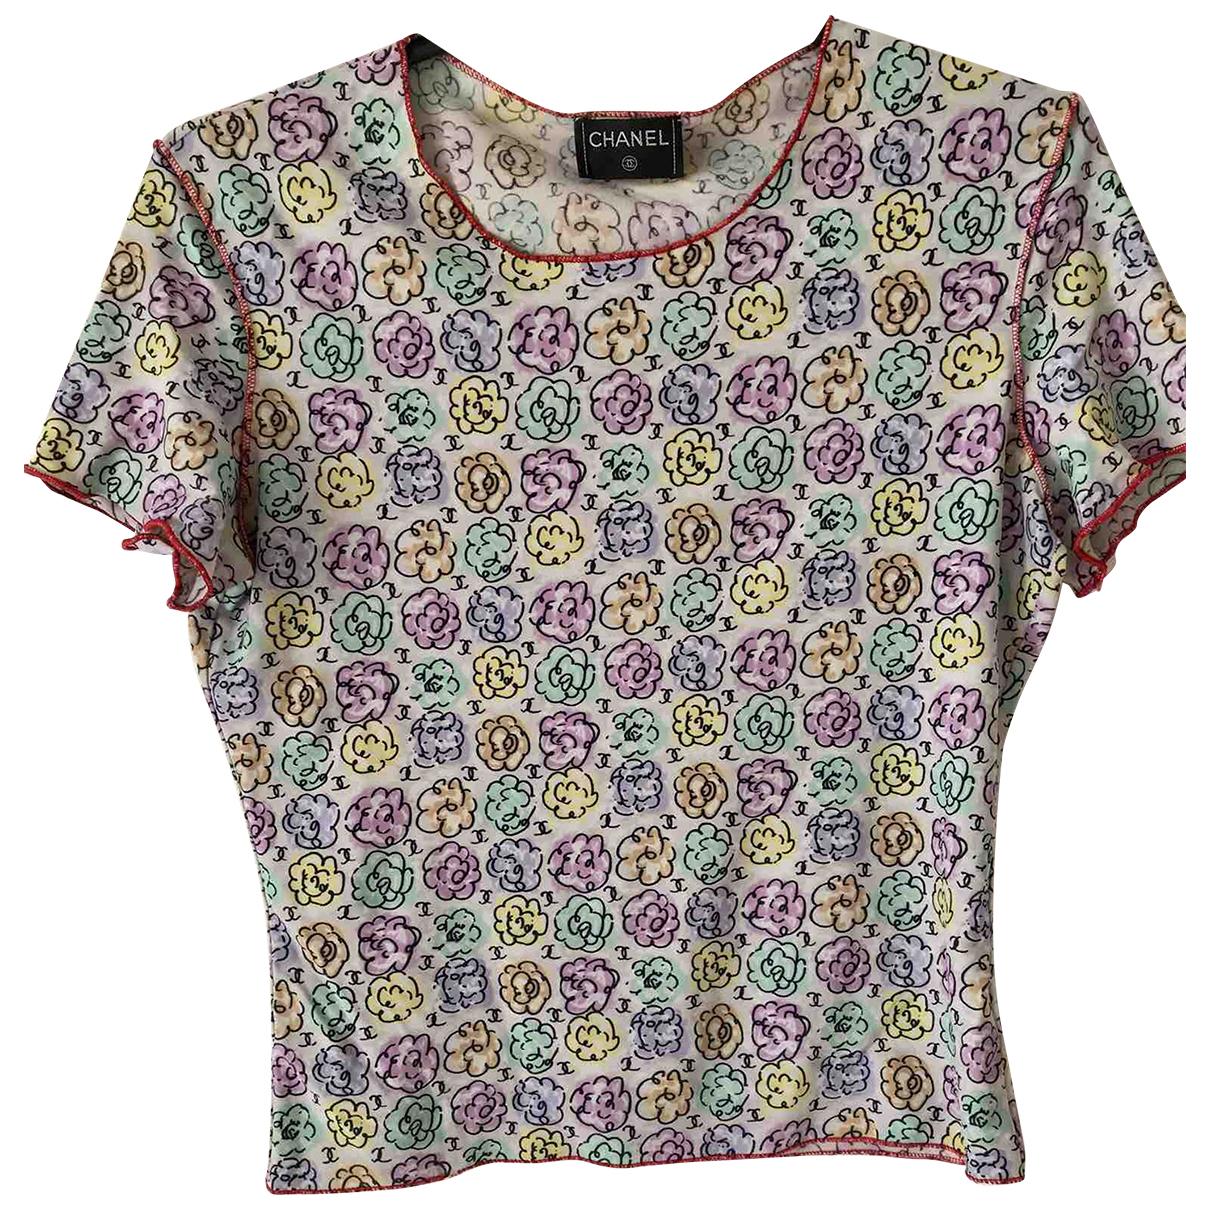 Chanel - Top   pour femme - multicolore